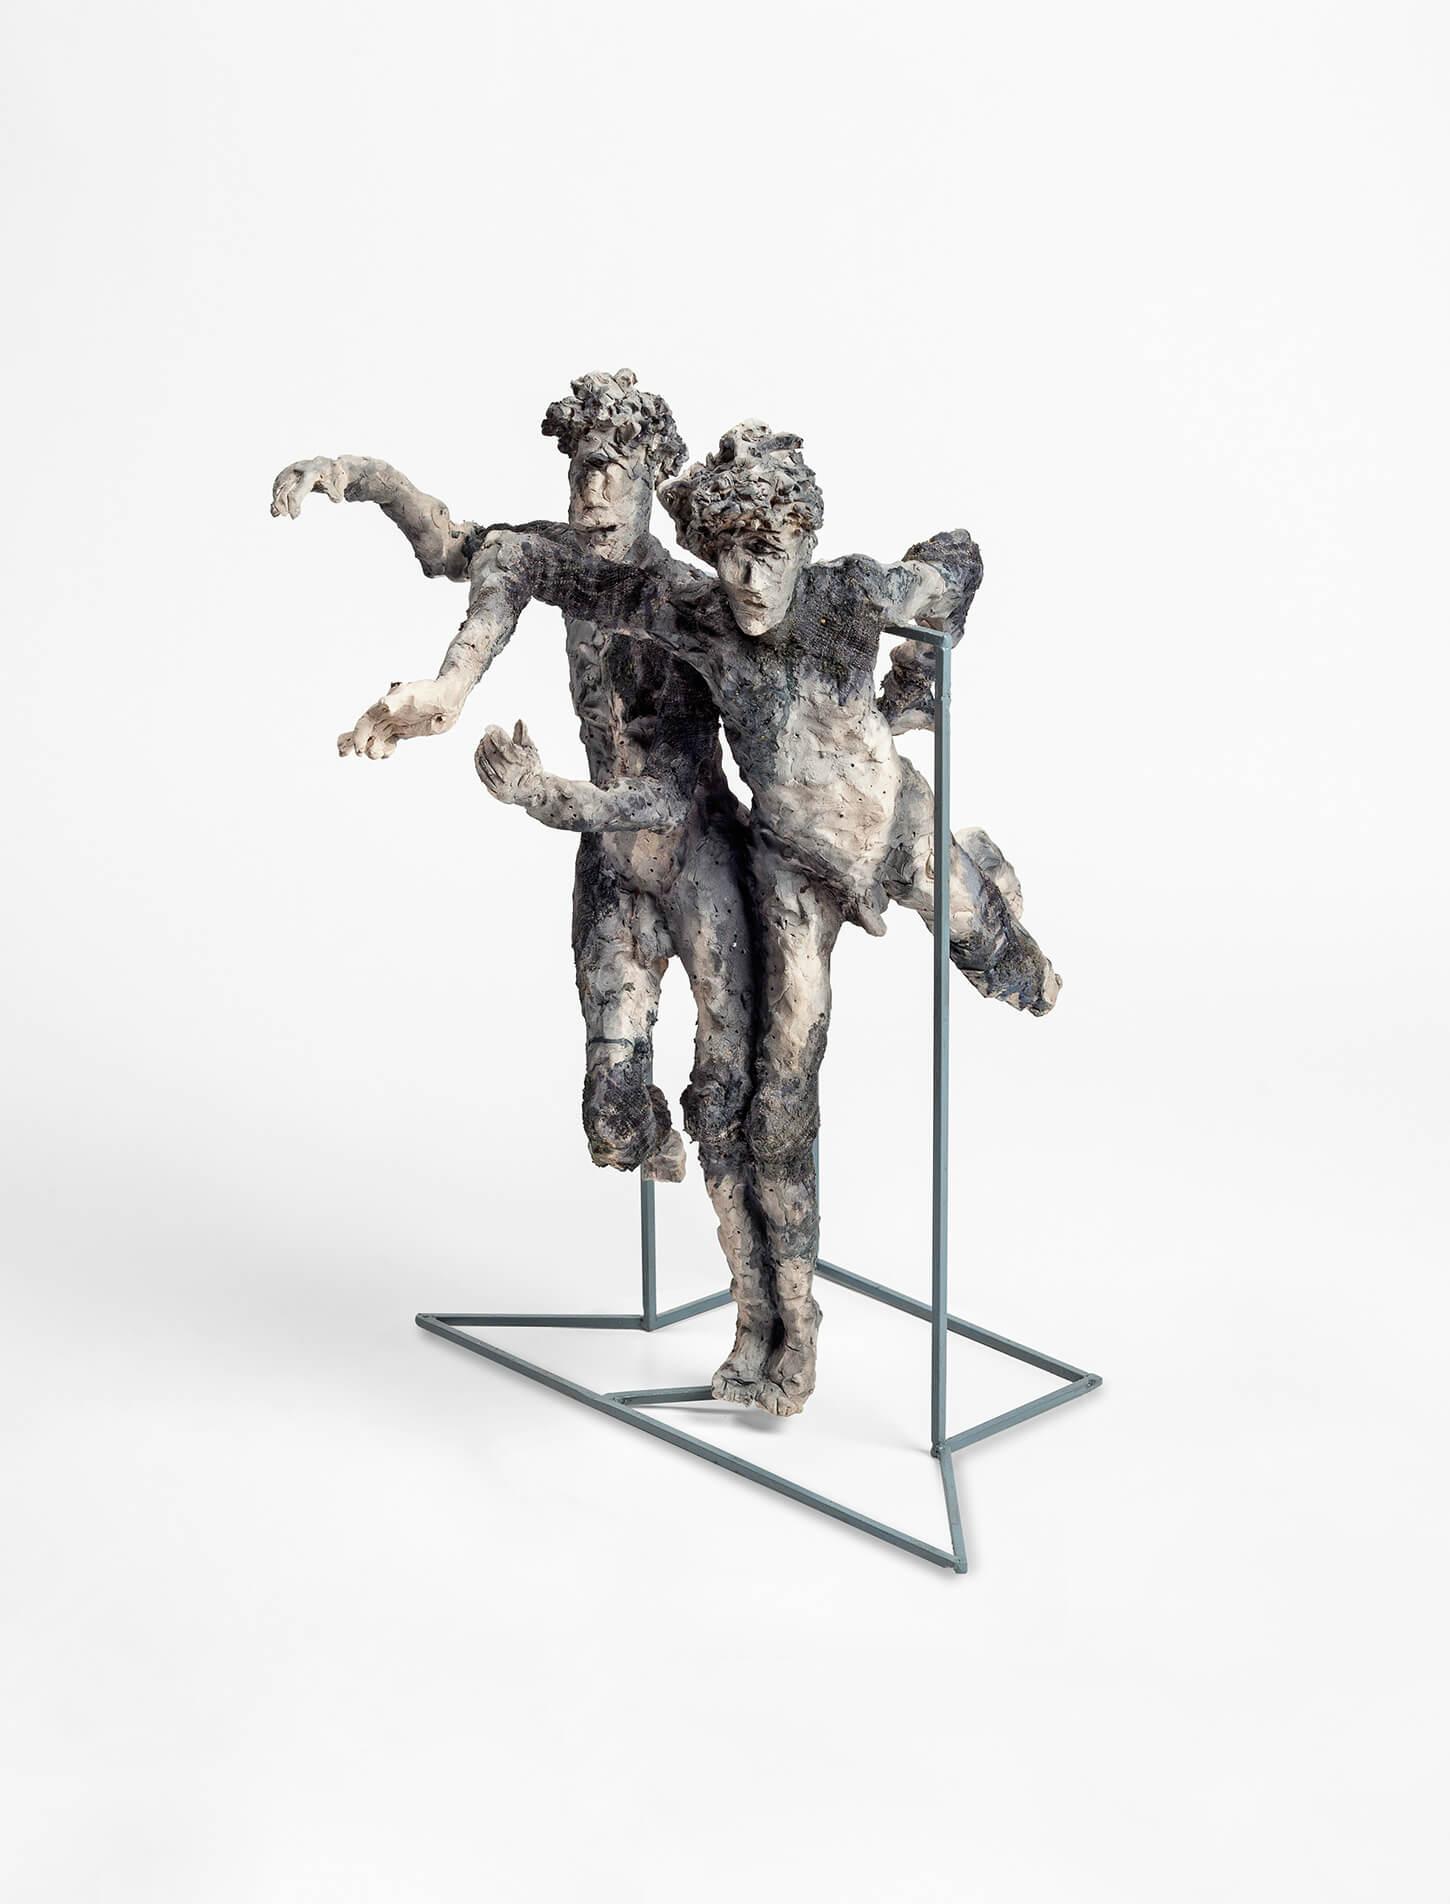 Rémi POLACK - Les siamois, blessures passées - Grès blanc/tissu, 60 x 85 x 55 cm